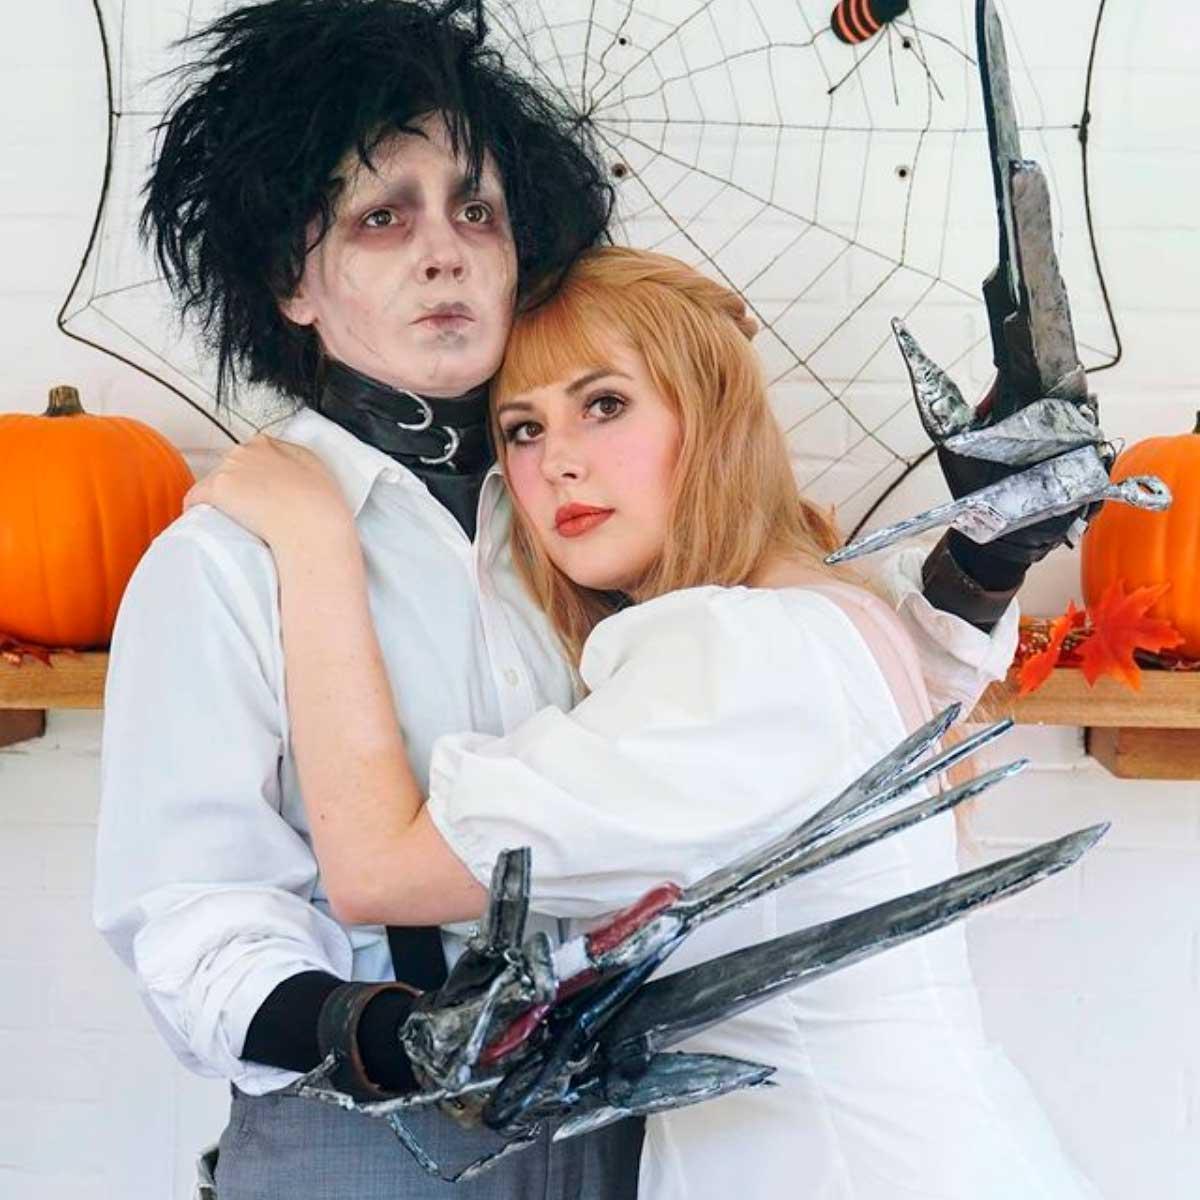 Disfraz Halloween (8)